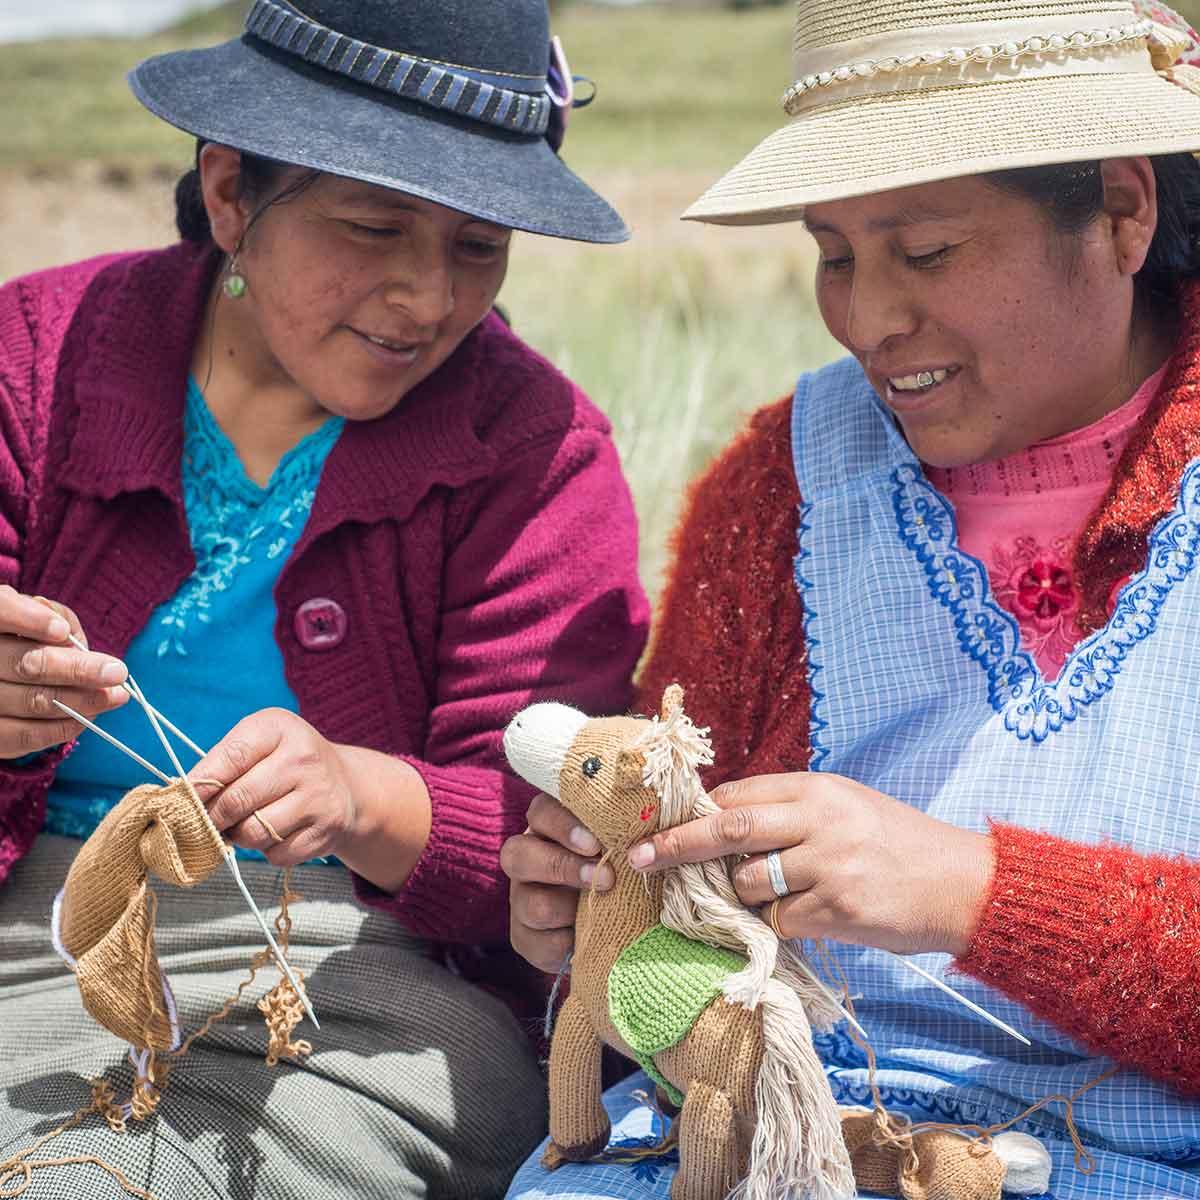 Handarbeit_Kuscheltiere_Handgestrickt_Biobaumwolle_Hautverträglich_Strickerinnen_nachhaltige Produktion